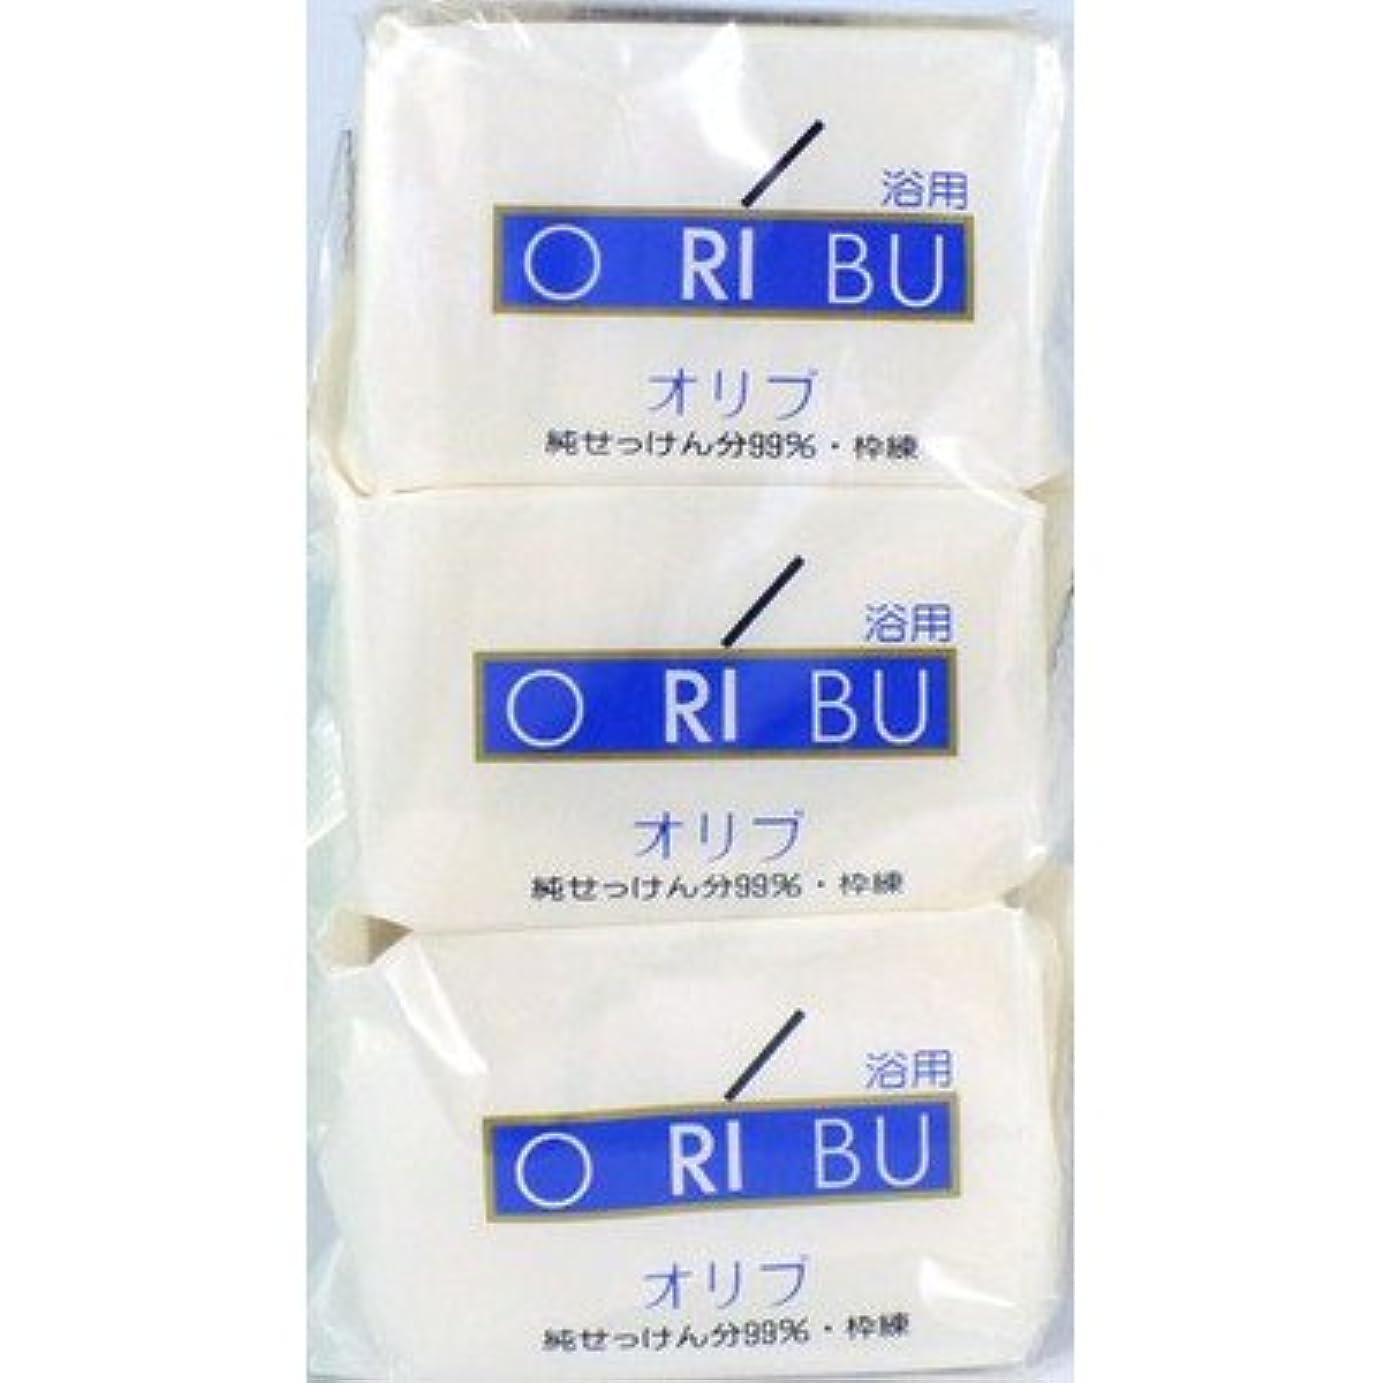 ずらすラフレシアアルノルディ通知する暁石鹸 ORIBU オリブ 浴用石鹸 110g 3個入り